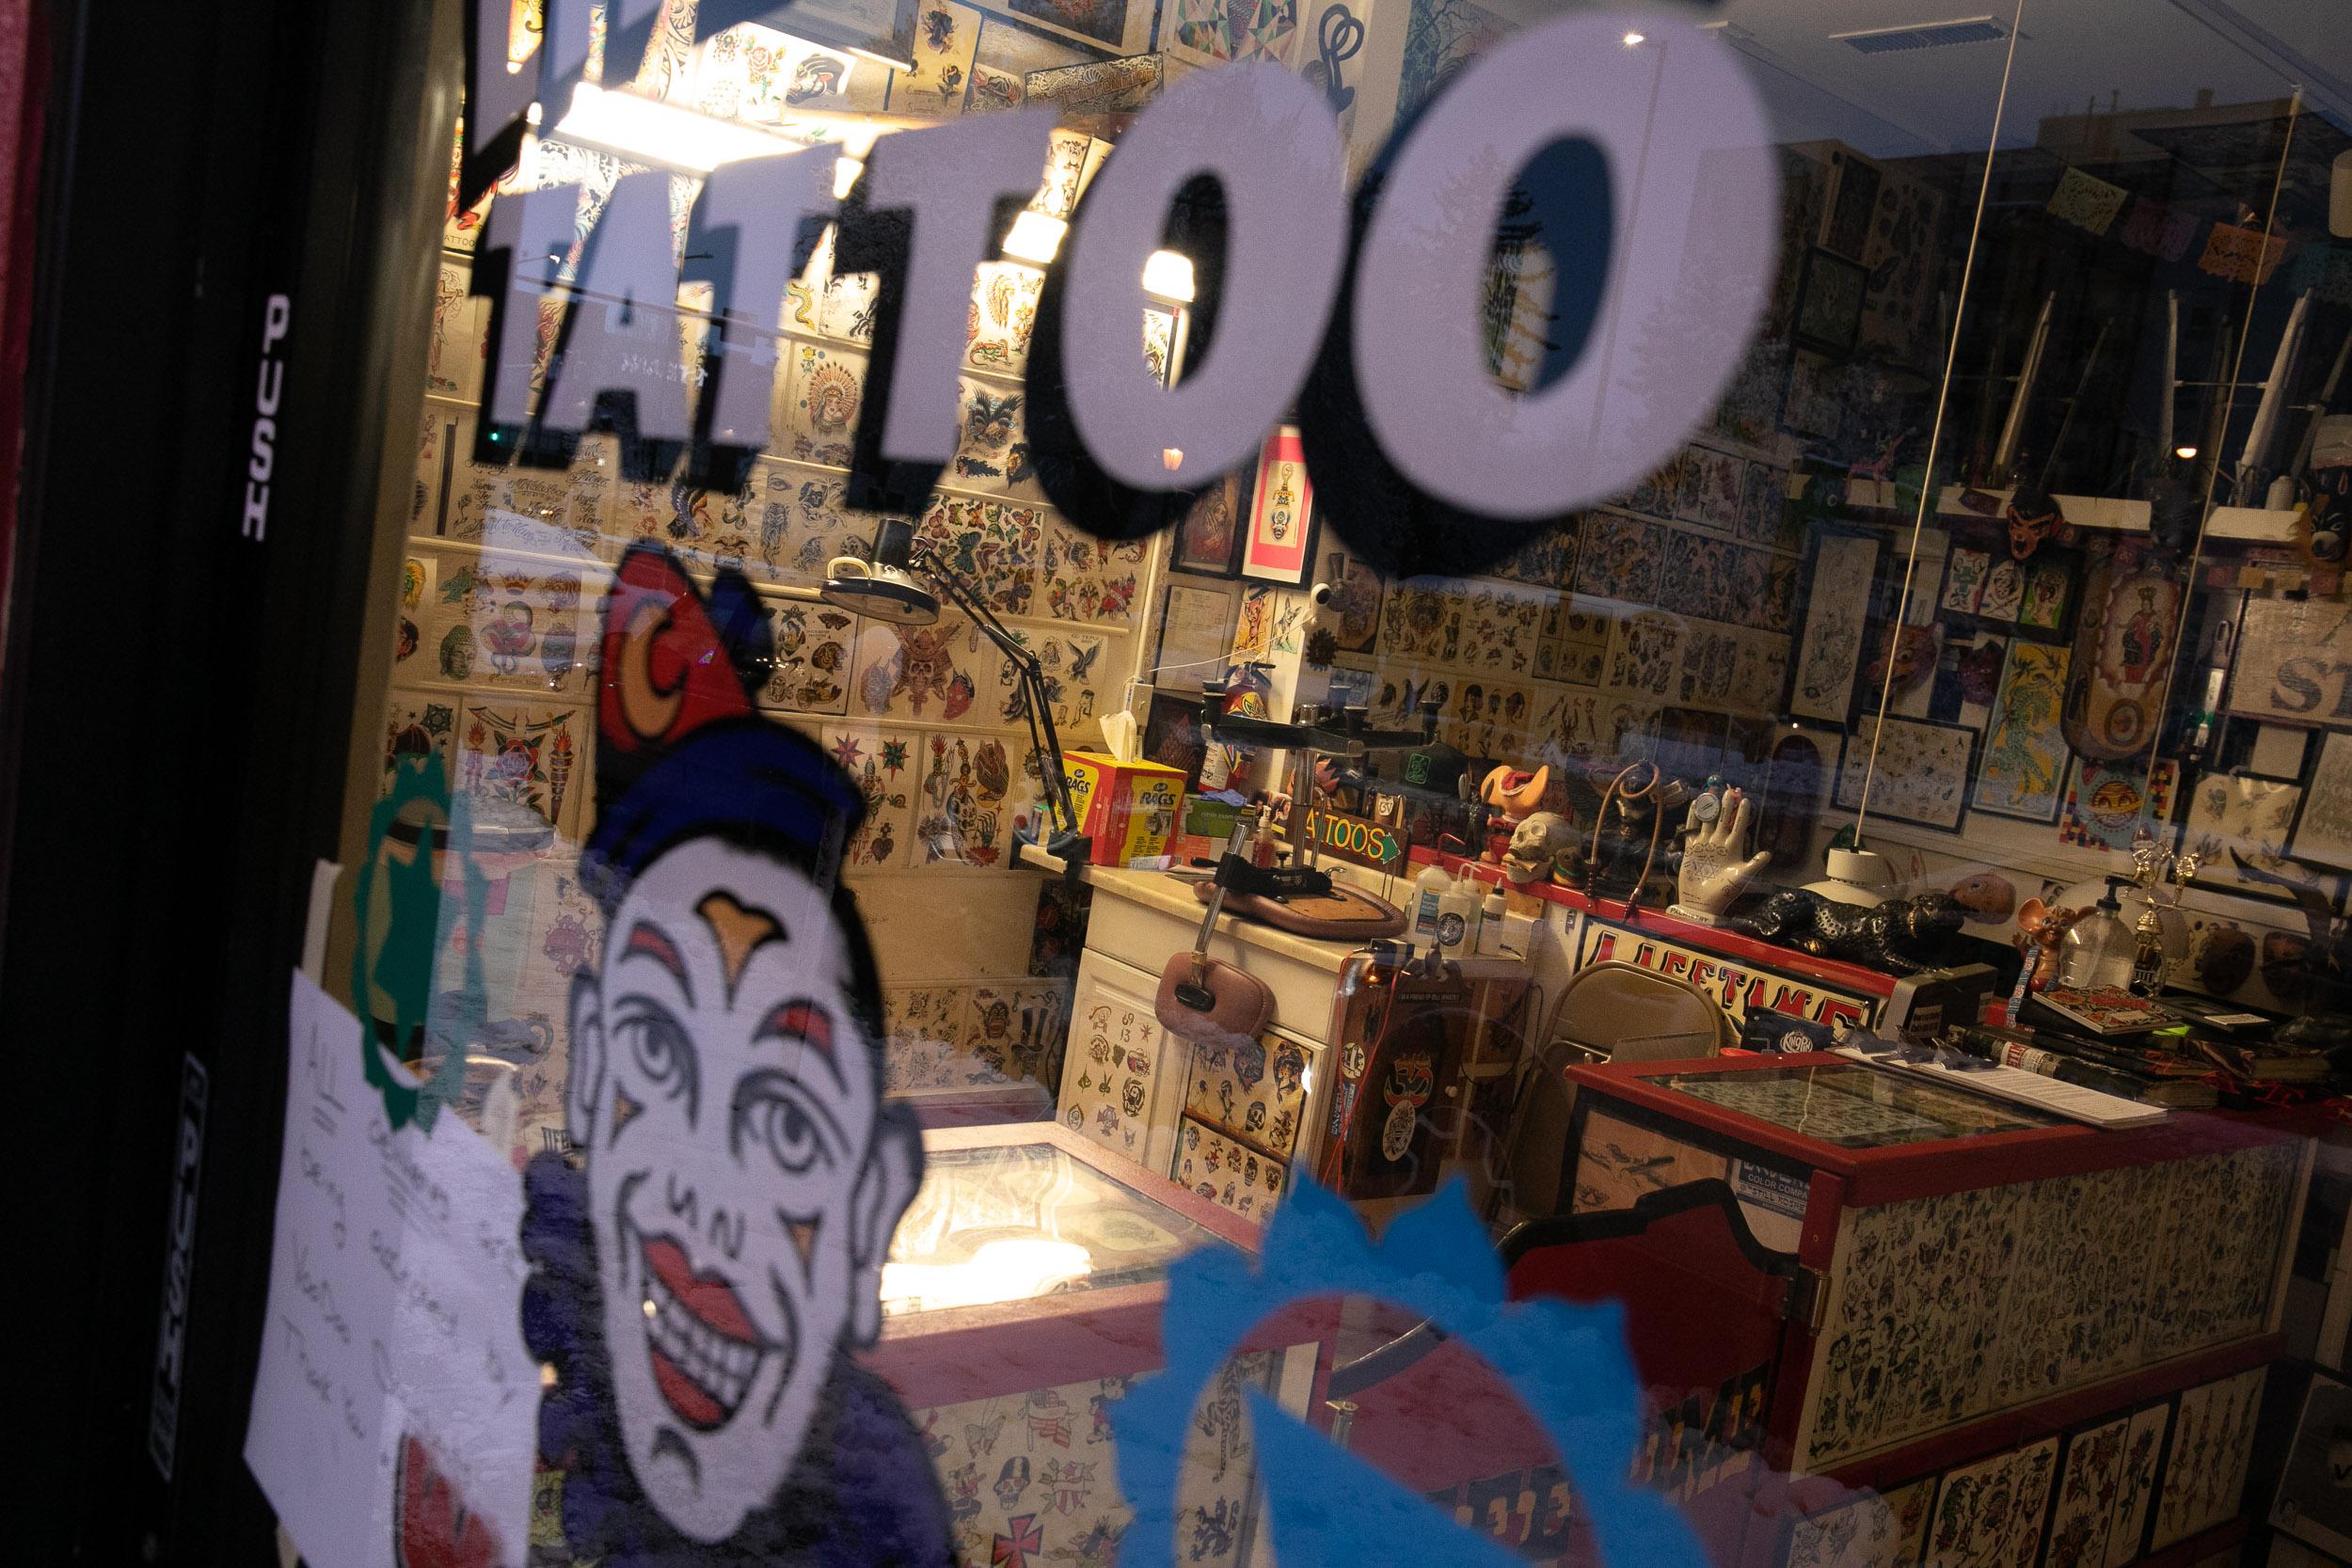 Tattoo Business Closed During Cononavirus Outbreak